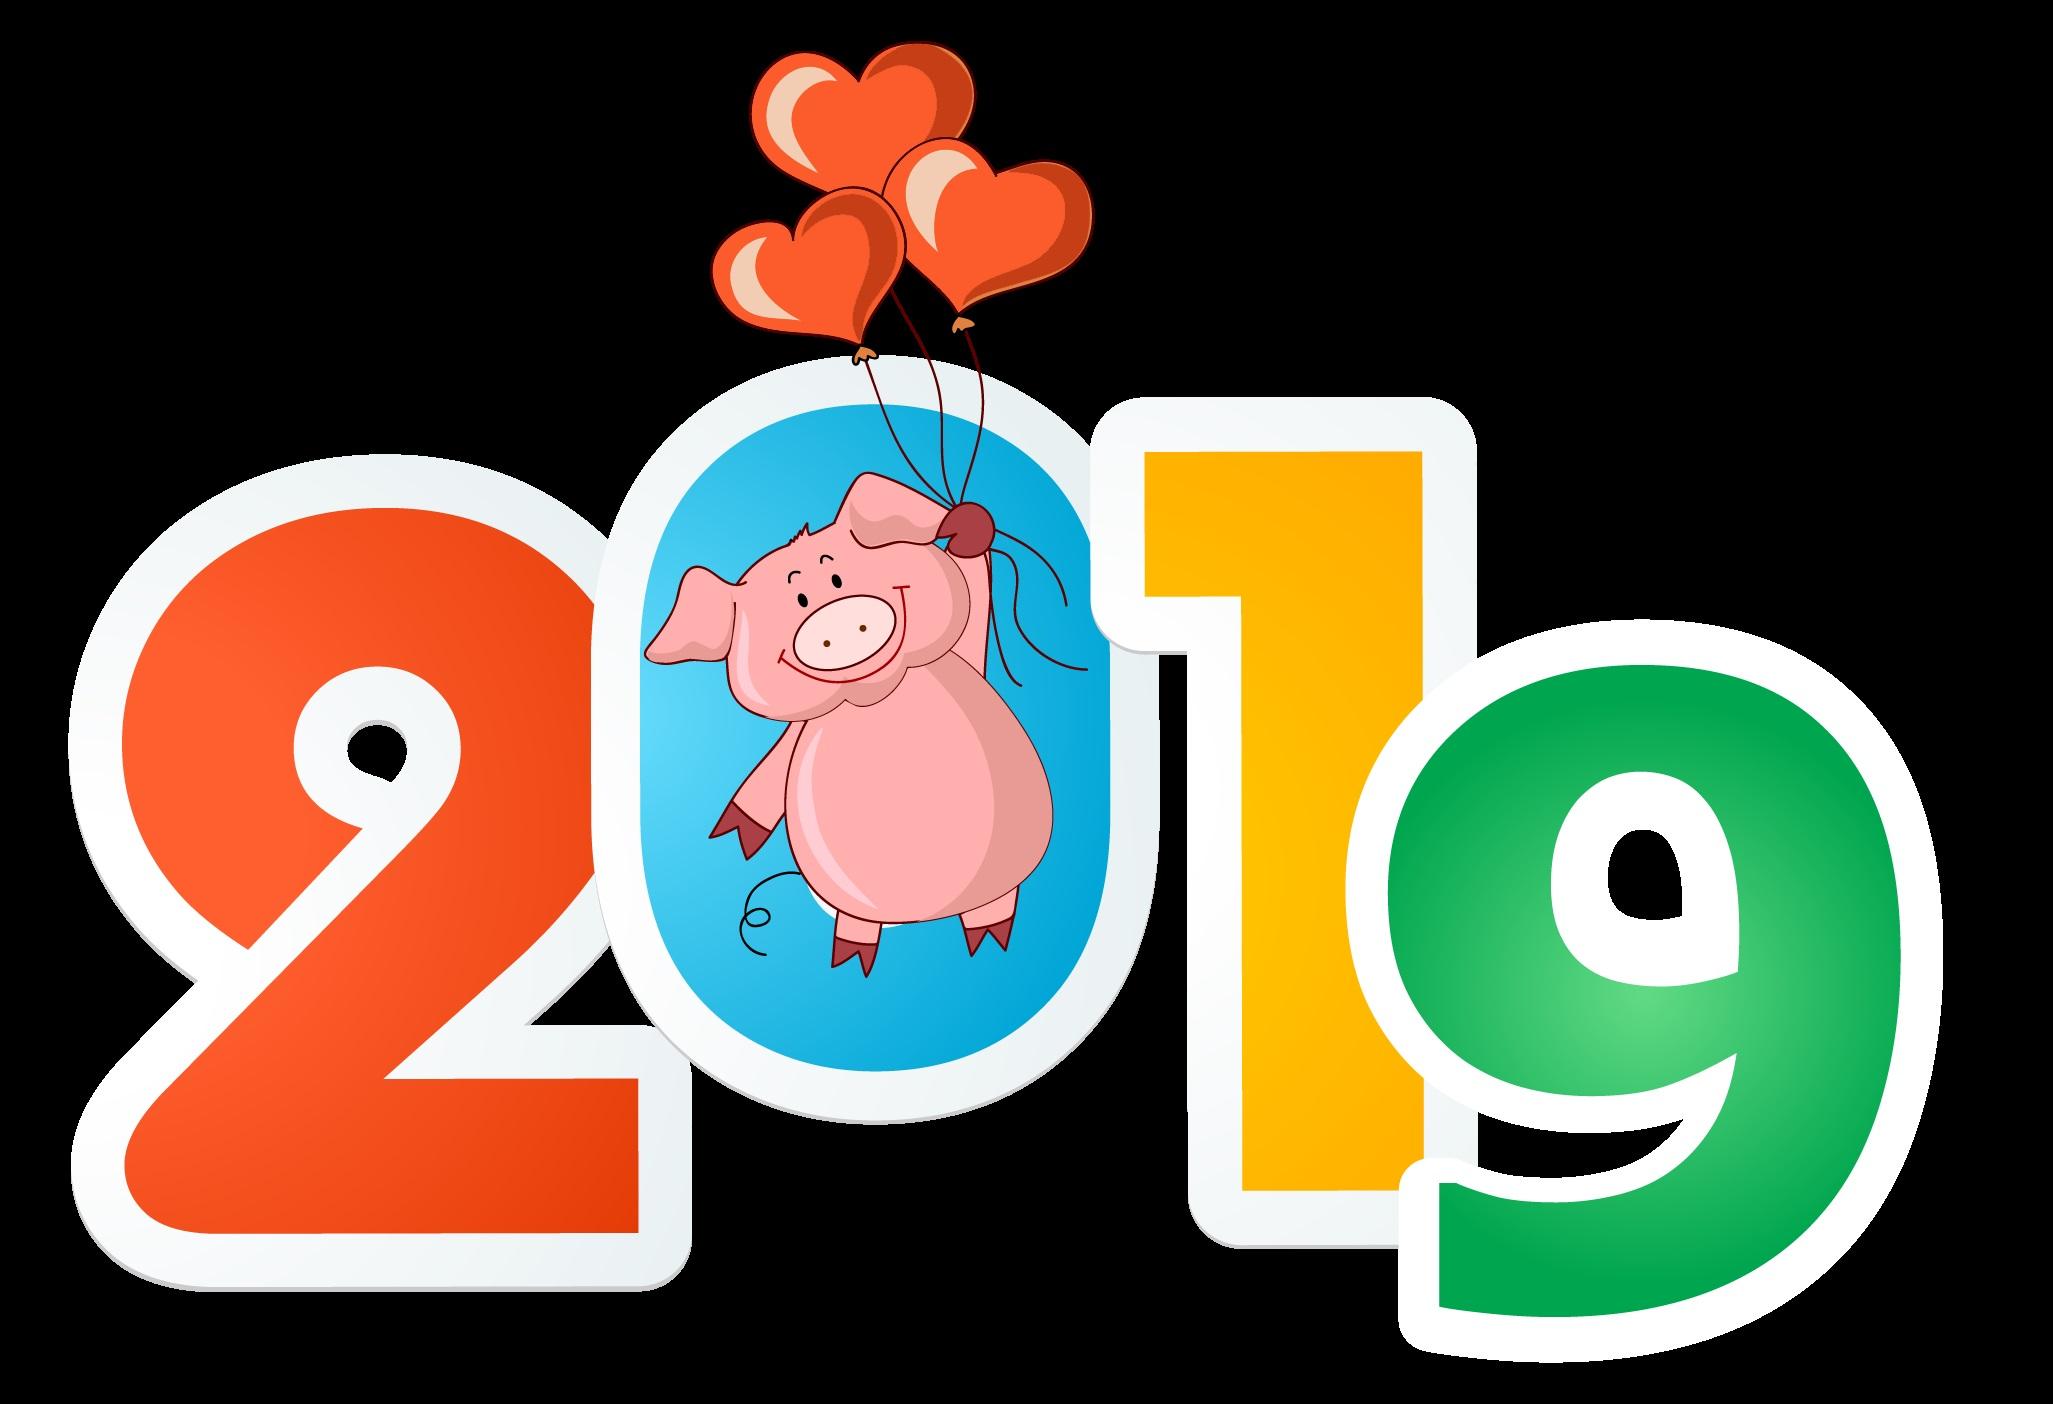 Фотография 2019 Домашняя свинья сердечко воздушные шарики Черный фон серце сердца Сердце Воздушный шарик воздушным шариком воздушных шариков на черном фоне